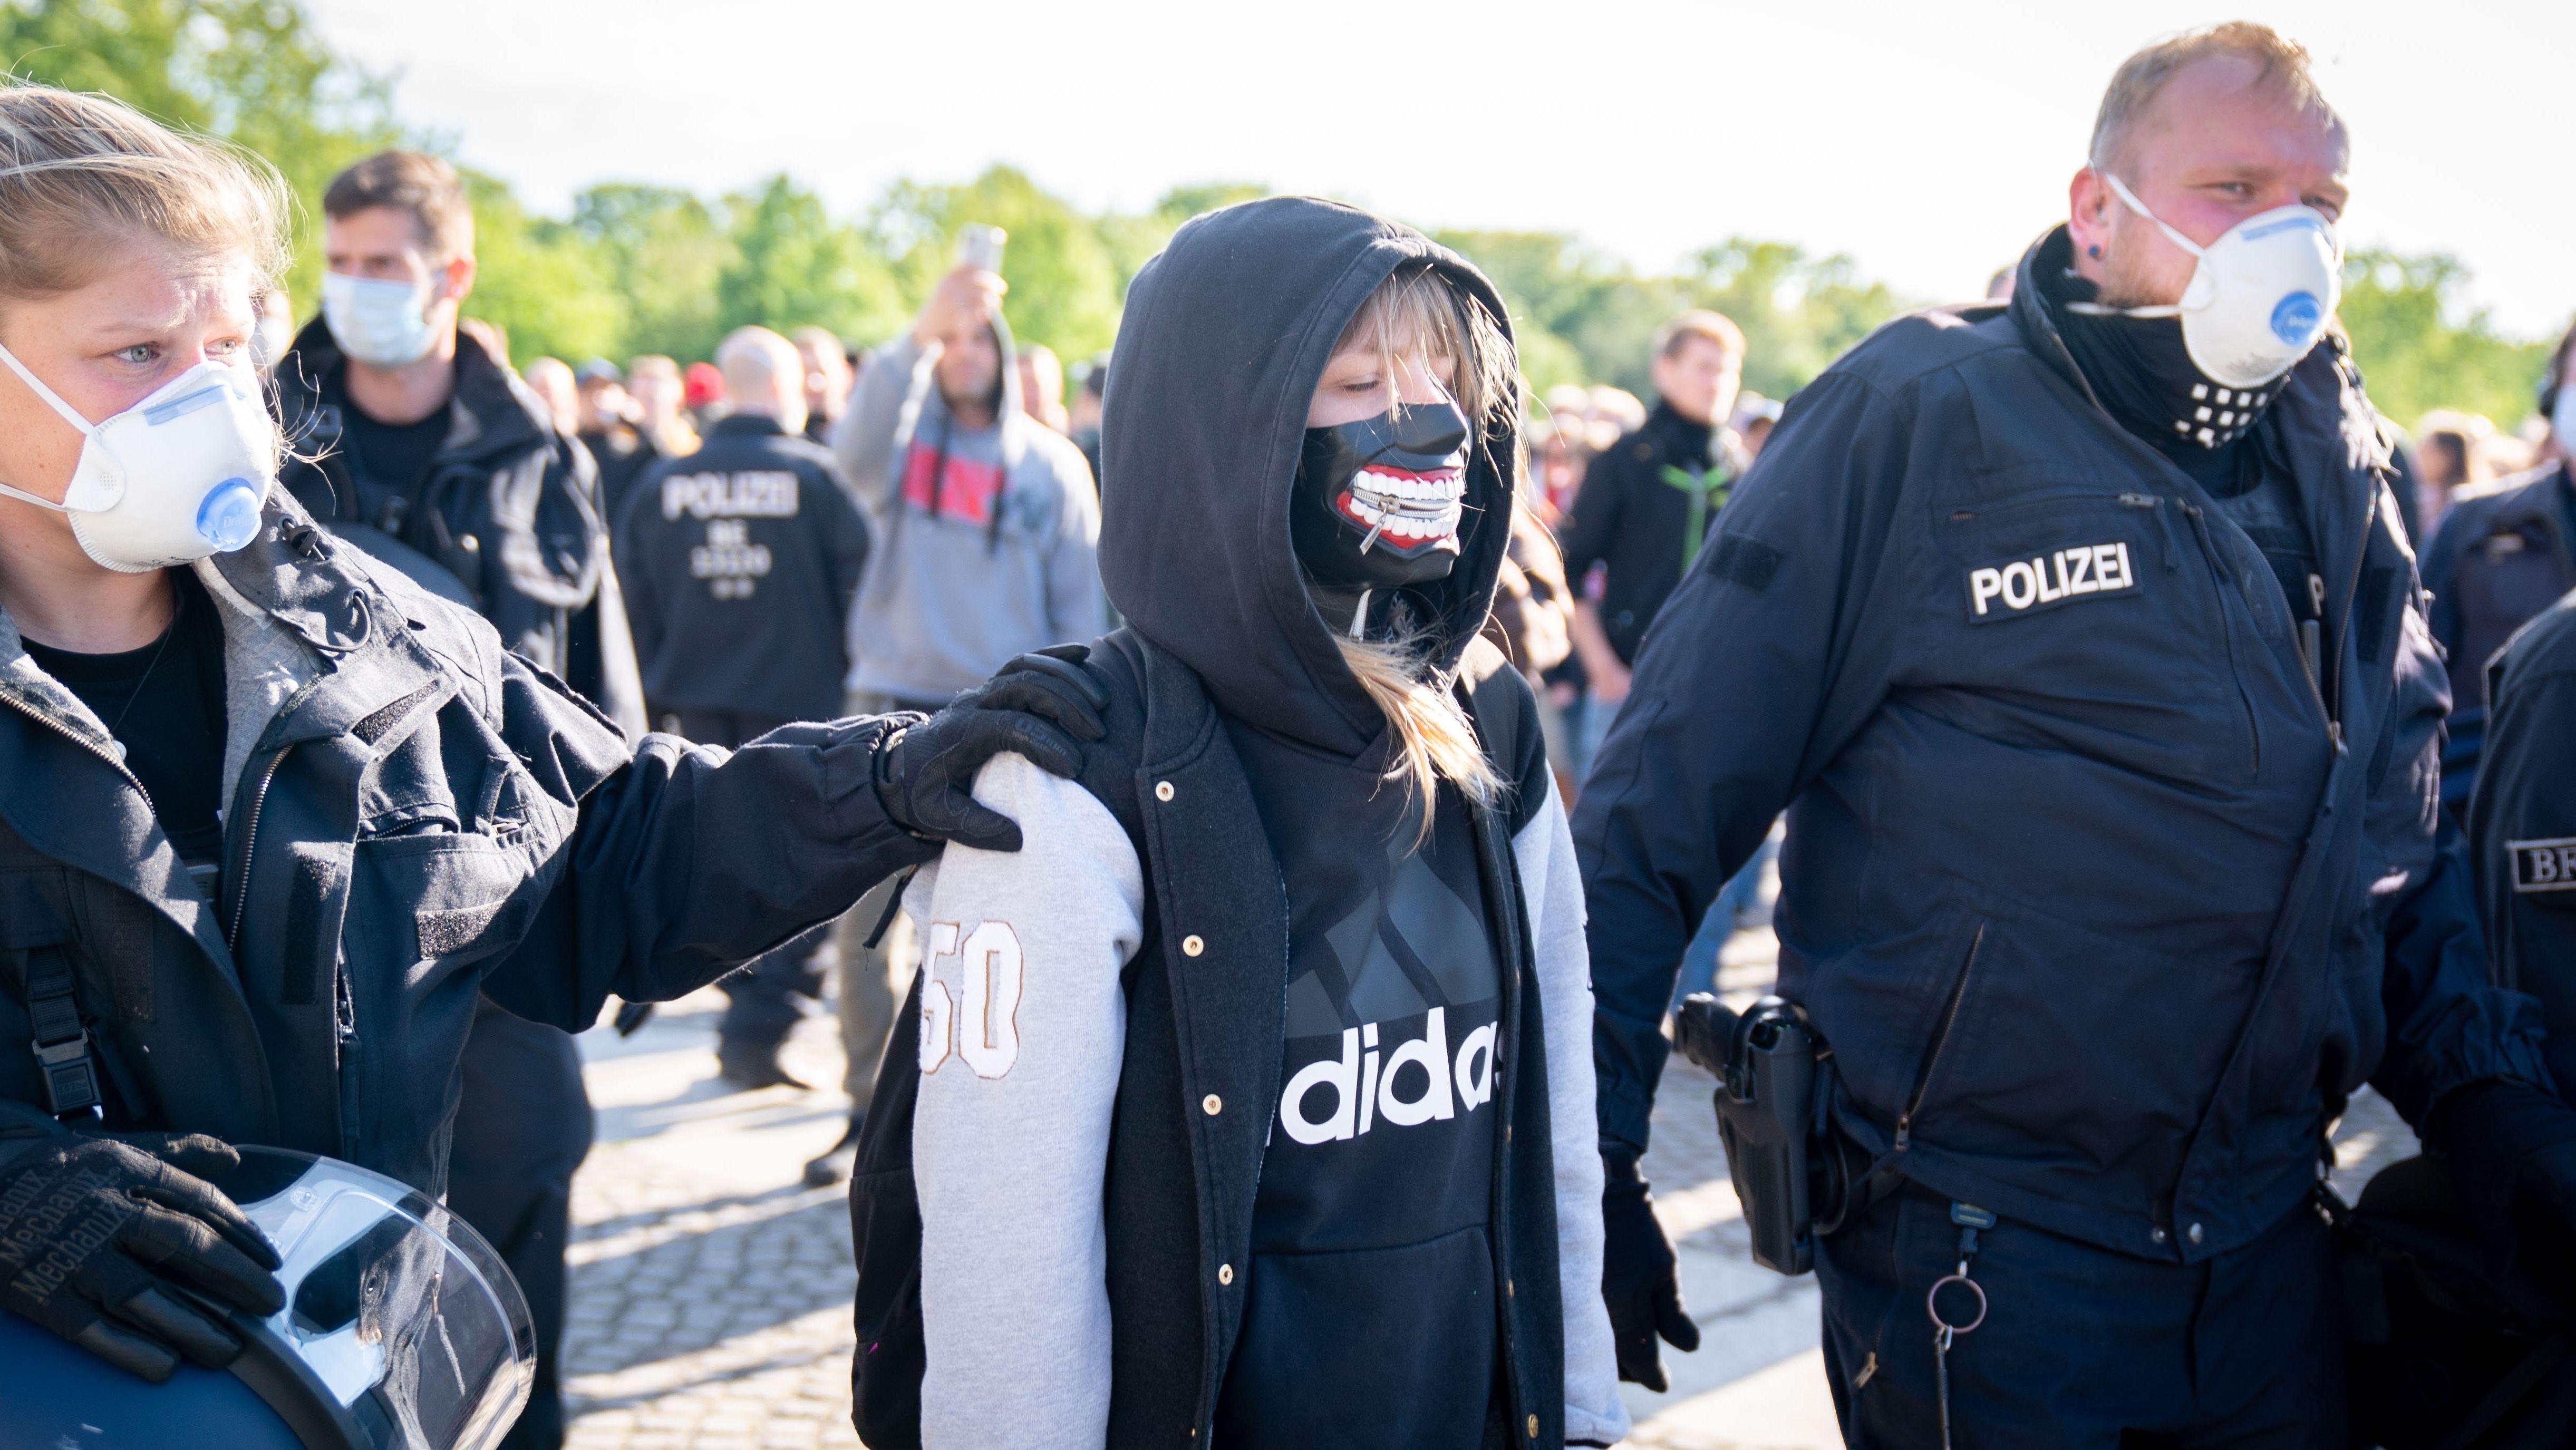 Polizisten und Demo-Teilnehmerin